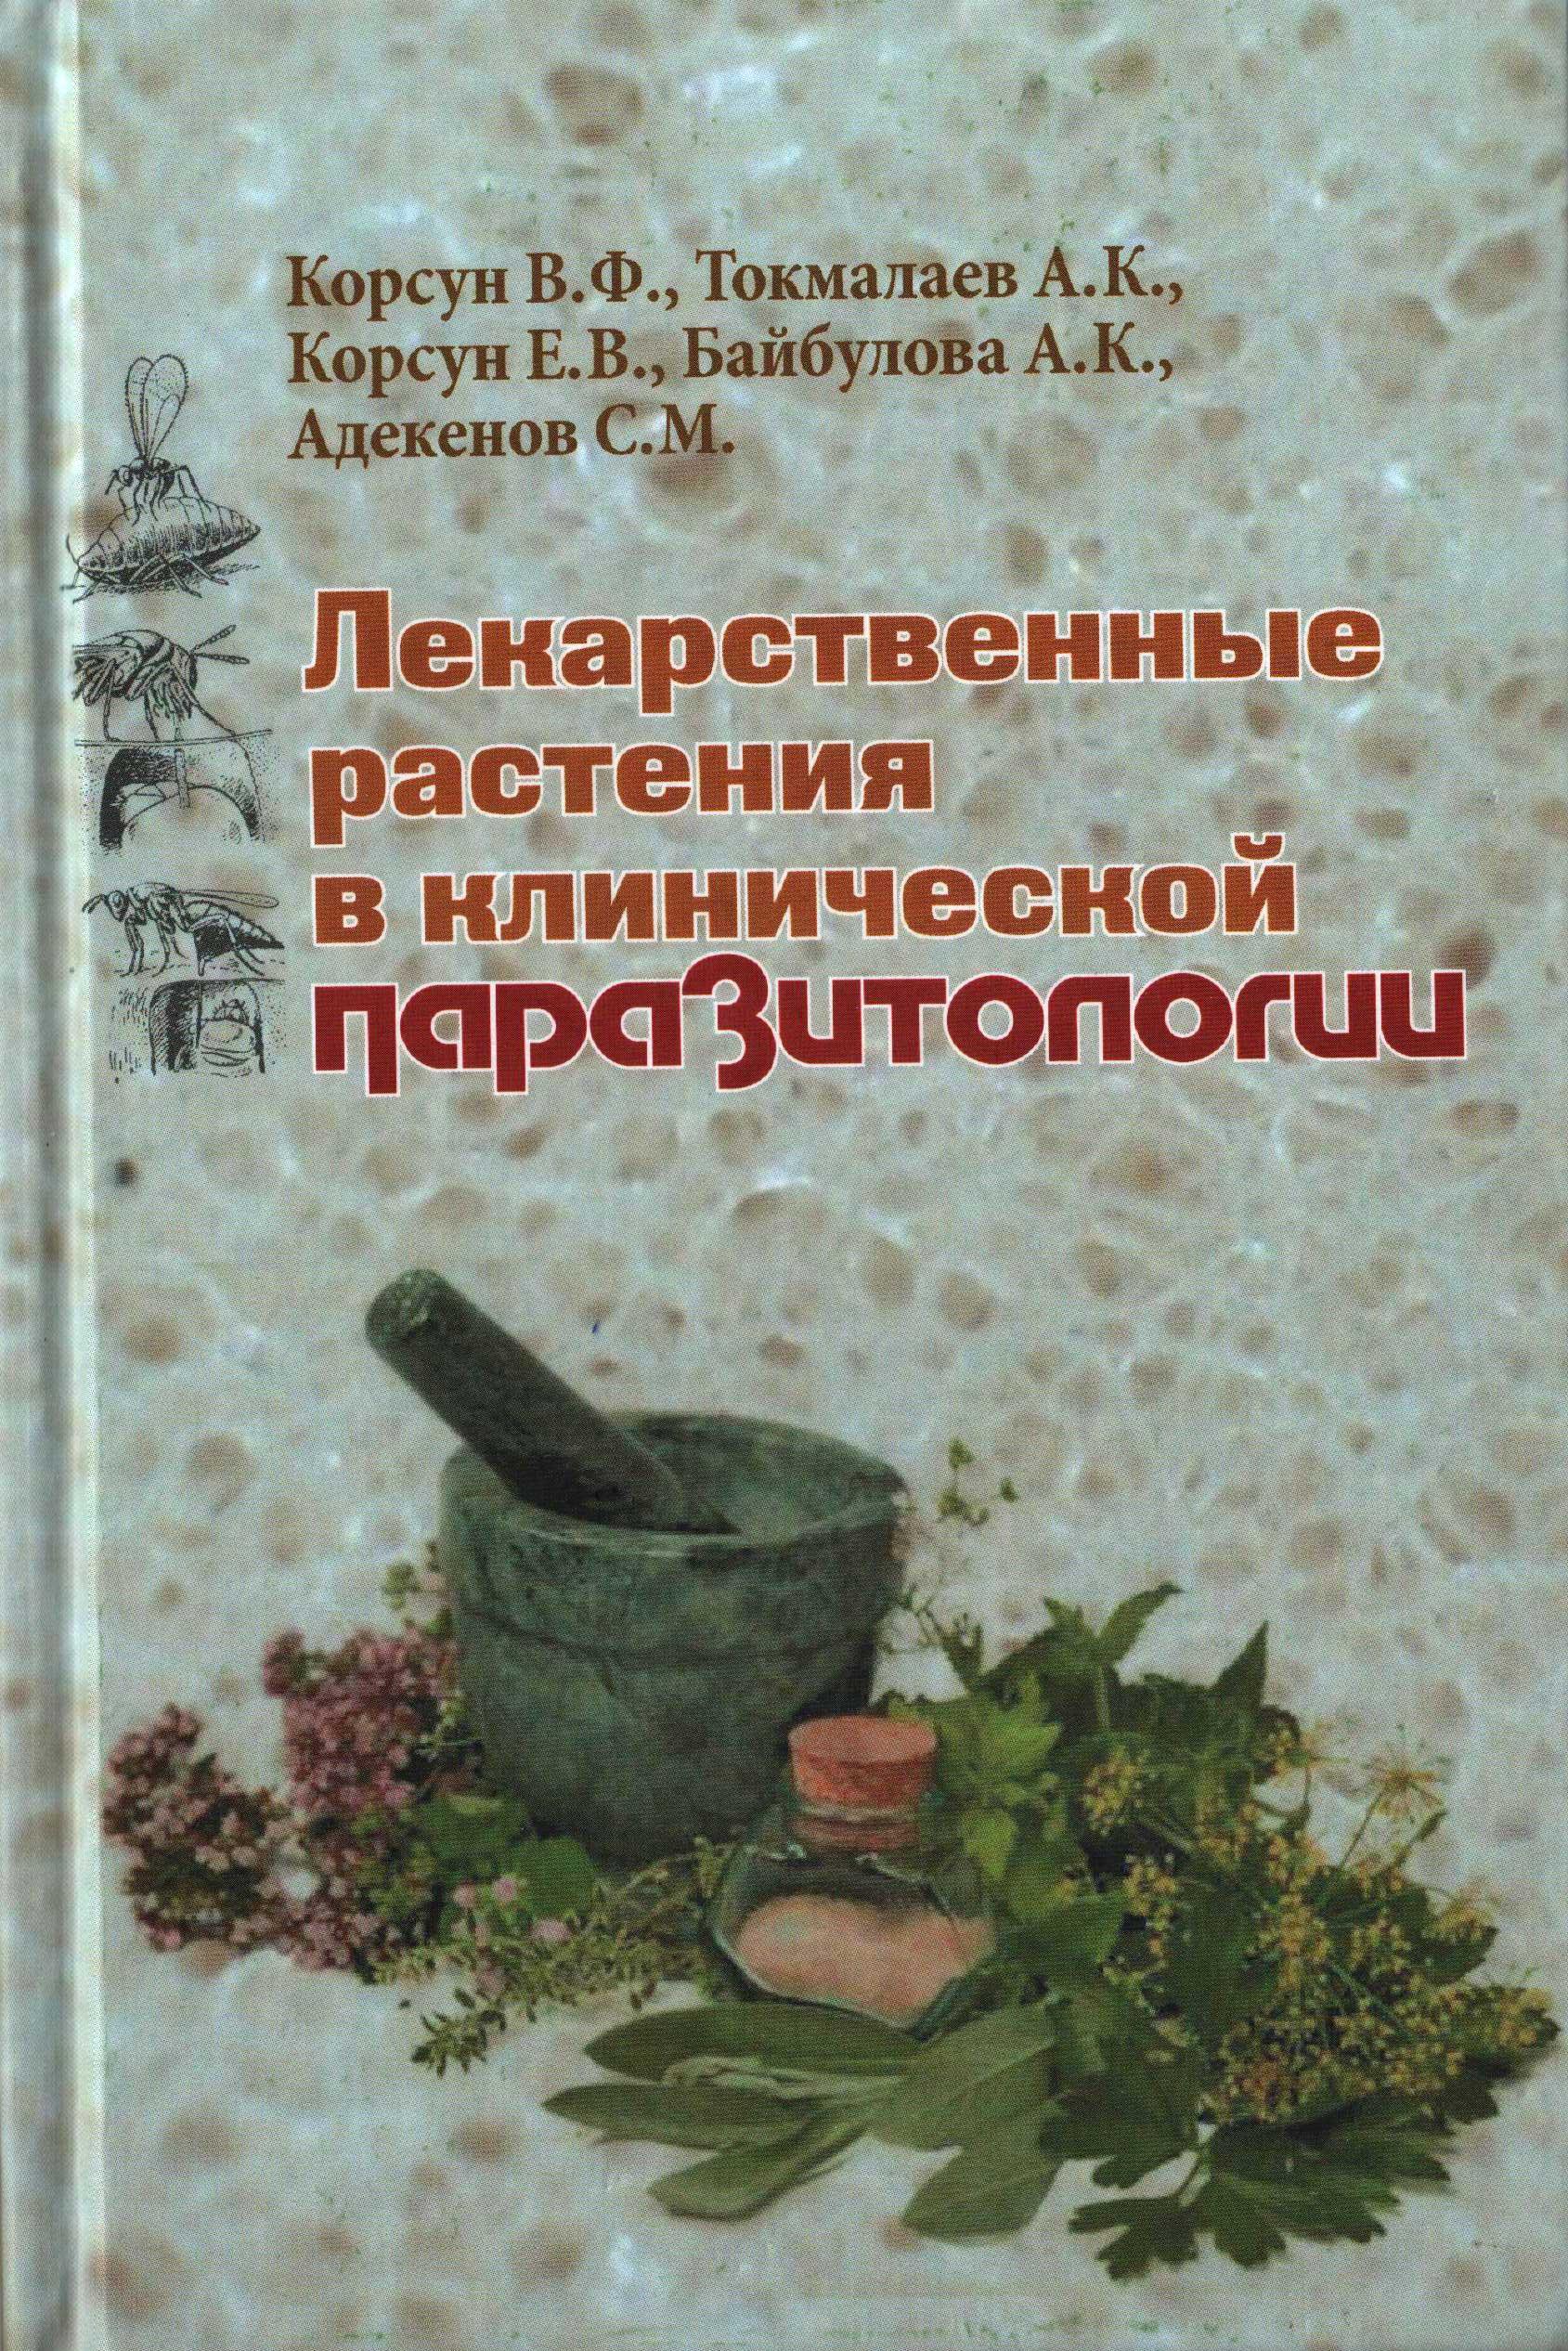 Лекарственные-растения-в-клинической-паразитологии-Корсун-веб